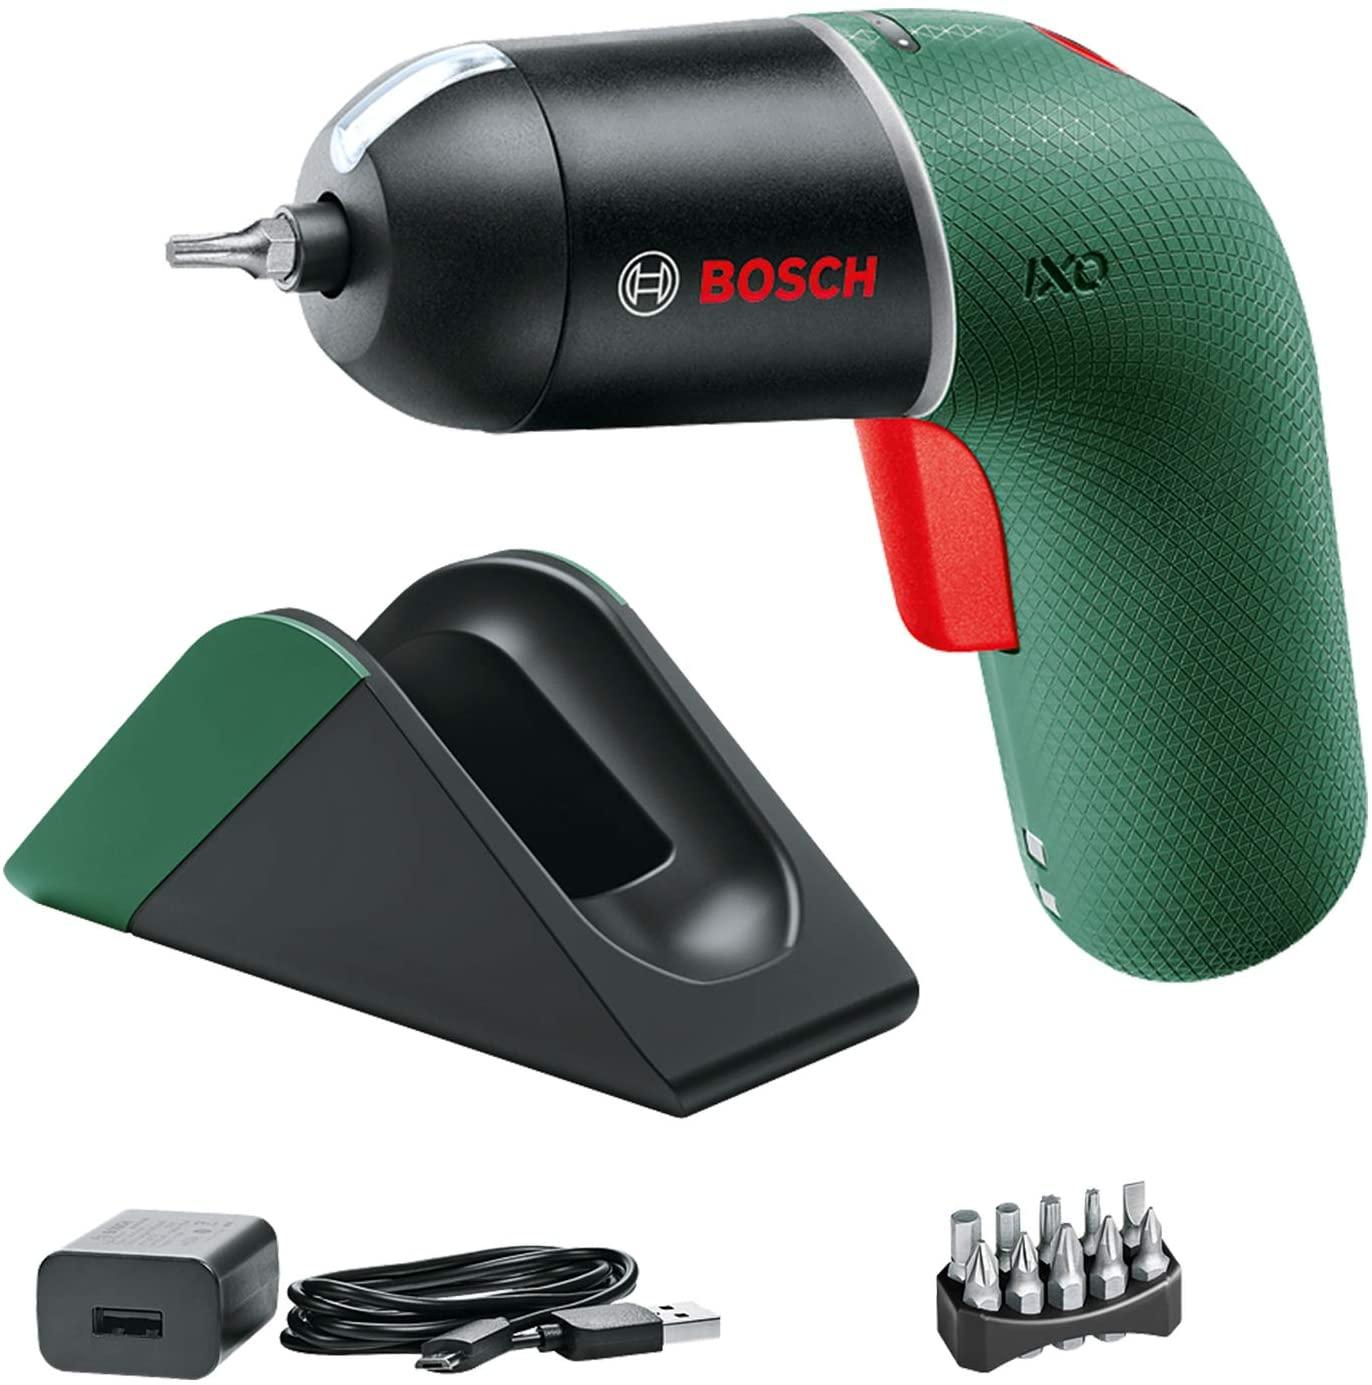 Atornillador Bosch con estación de carga solo 44.9€